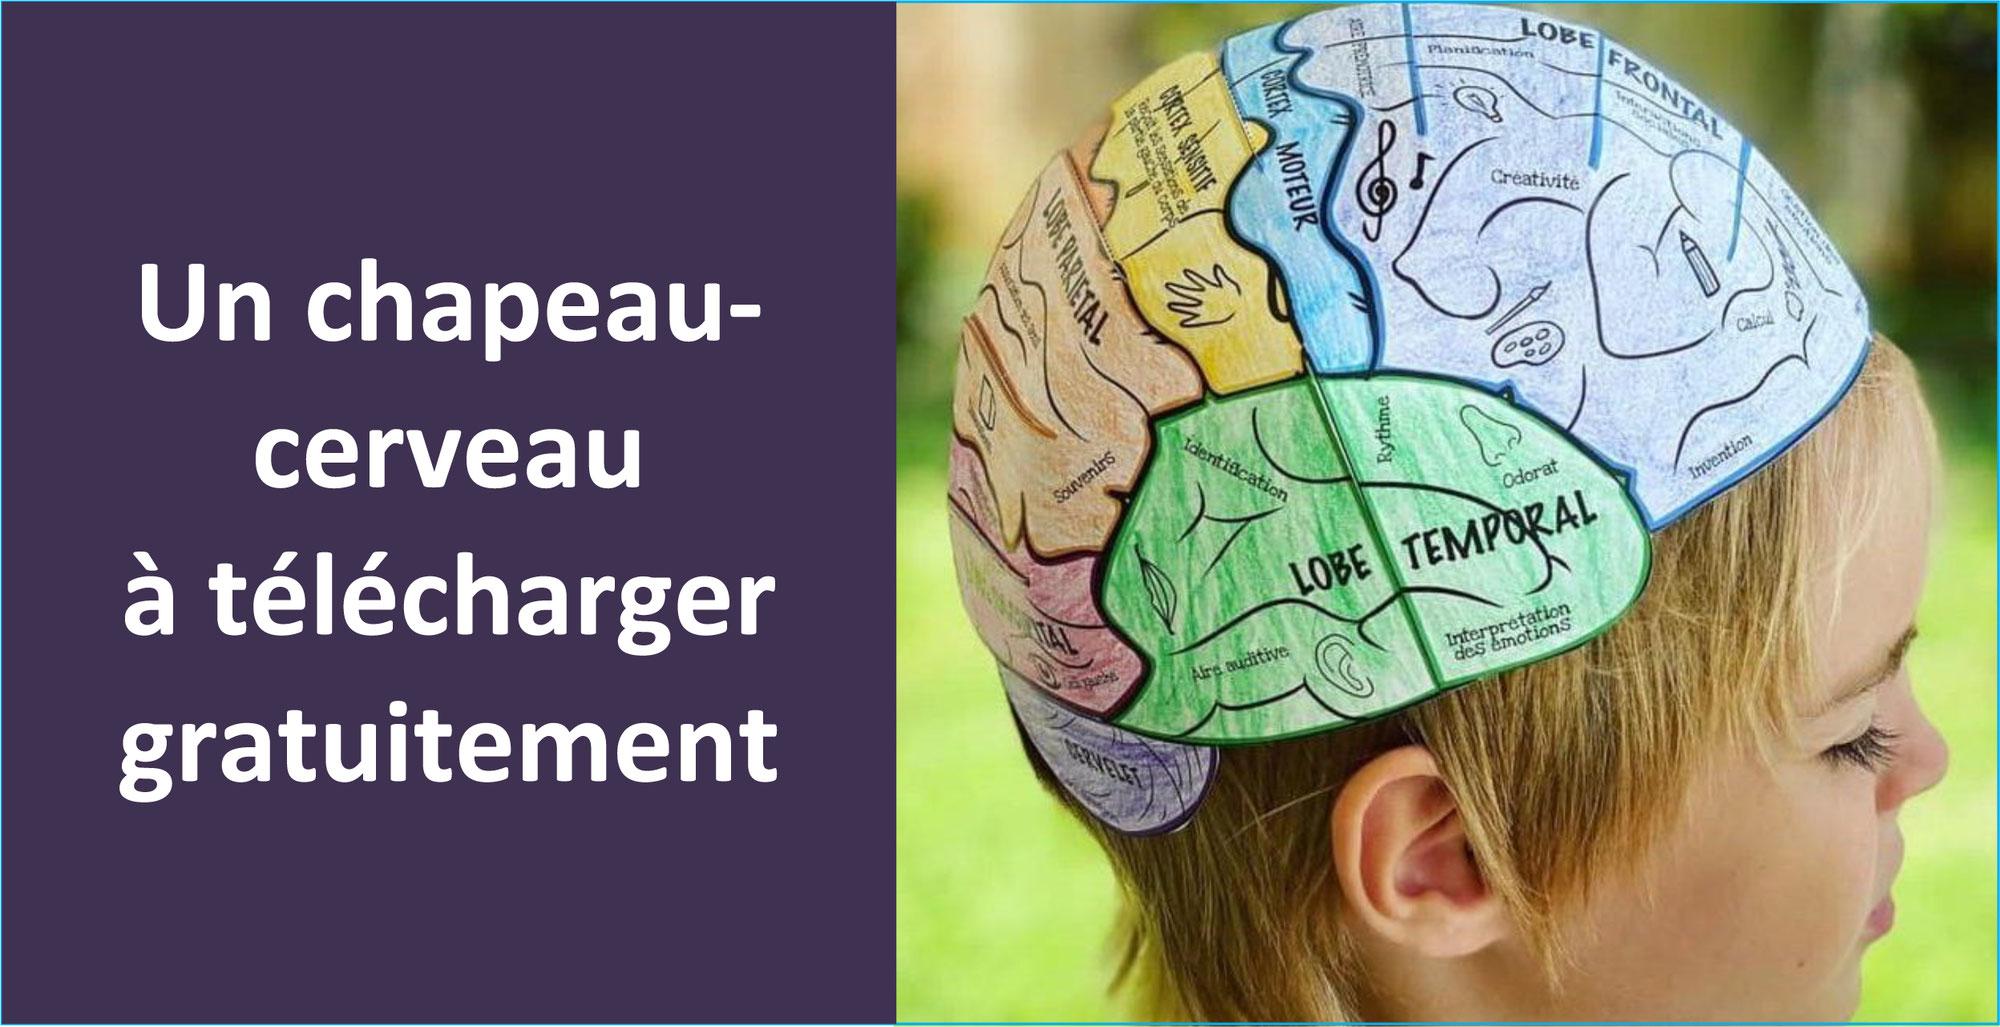 CHAPEAU-CERVEAU à construire pour mieux connaître les aires du cerveau et leurs fonctions